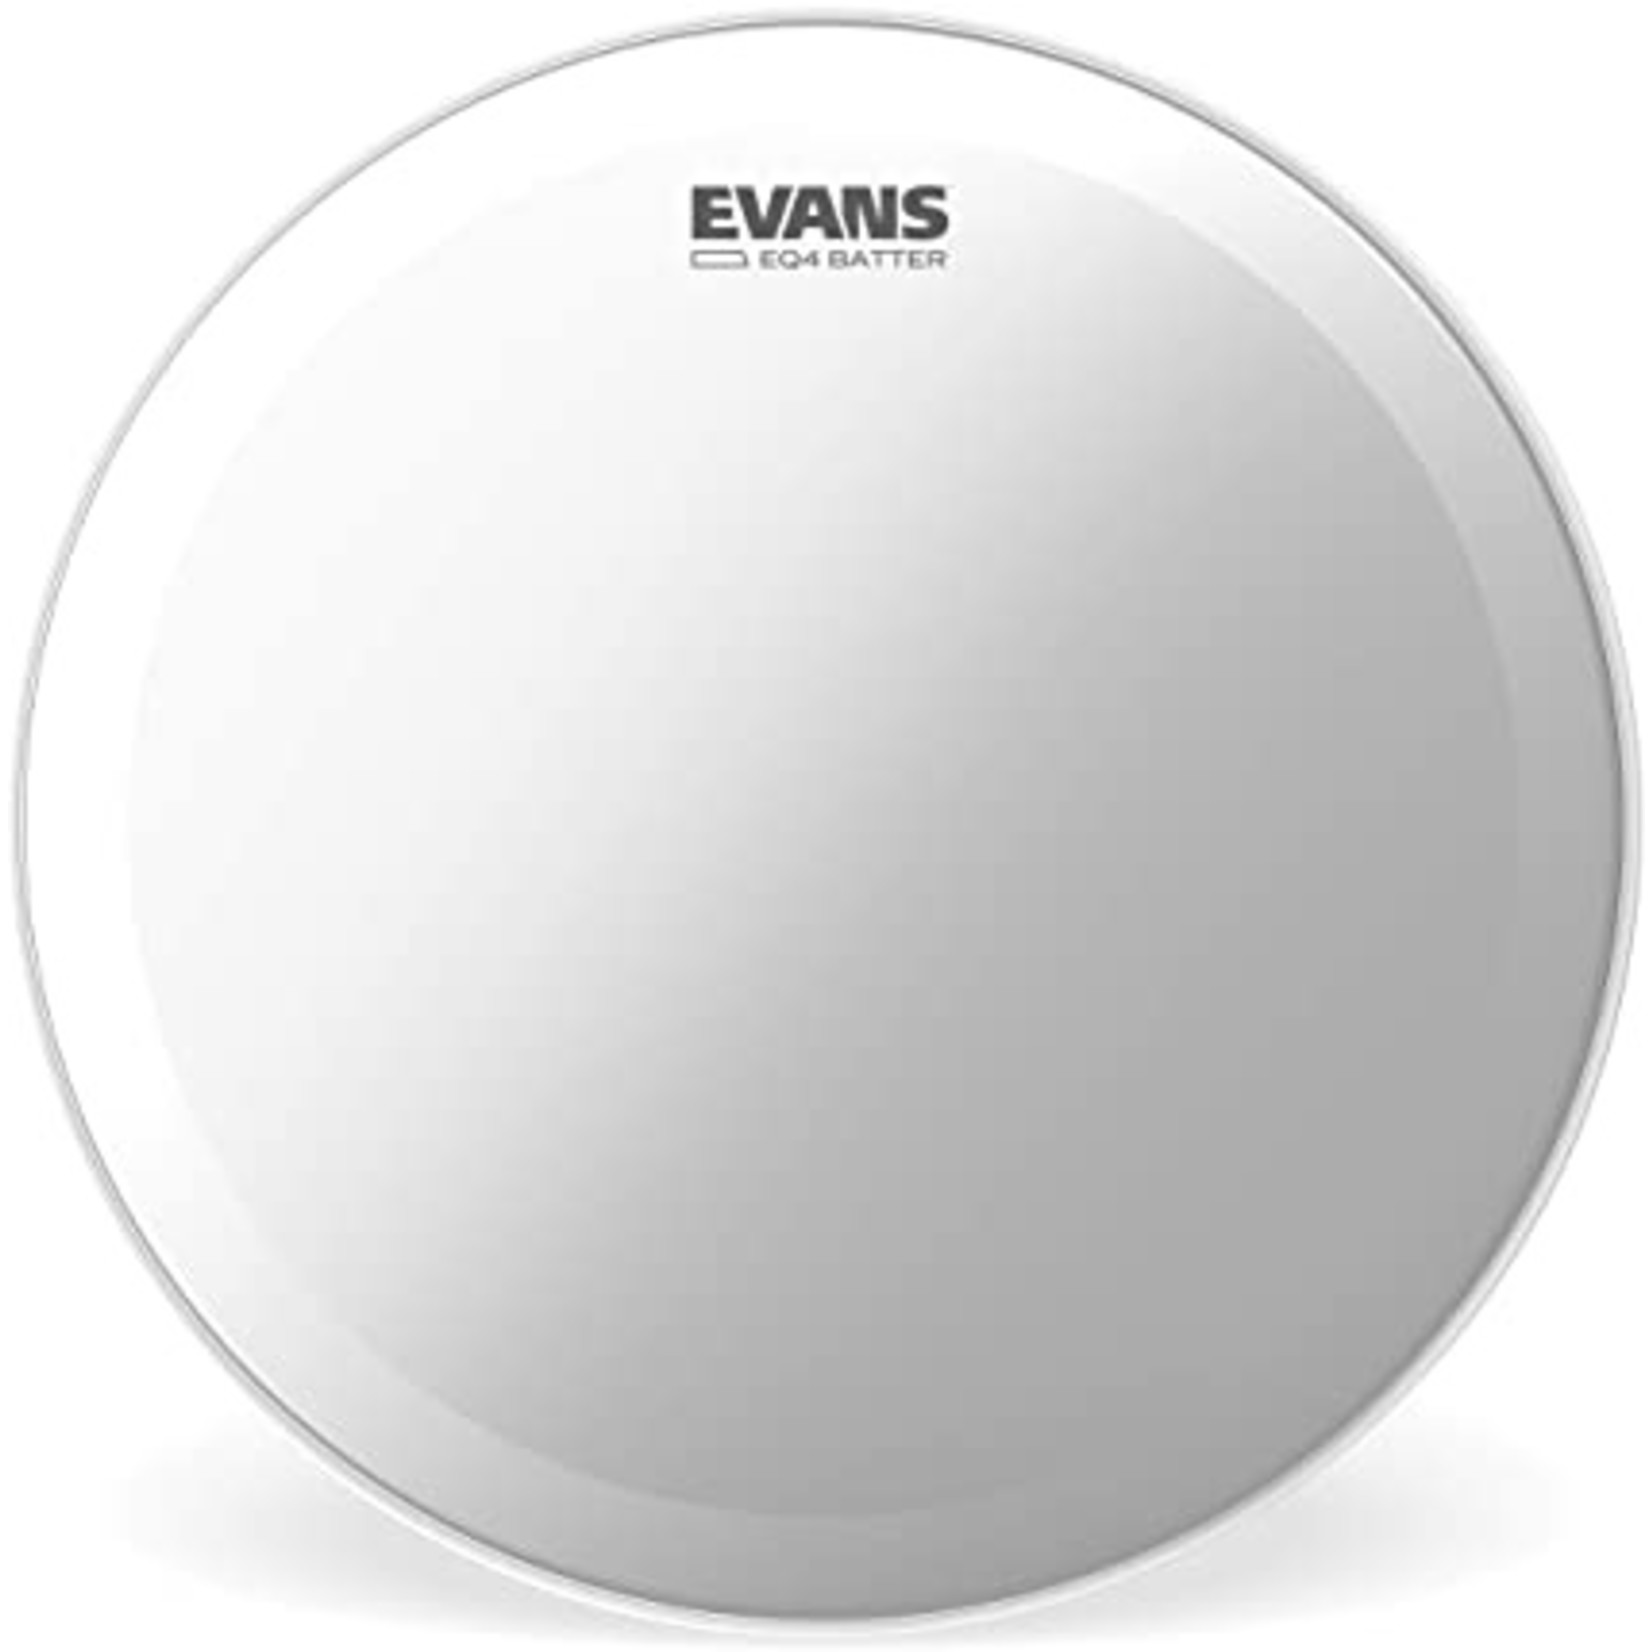 Evans Evans Coated EQ4 Bass Drum Batter